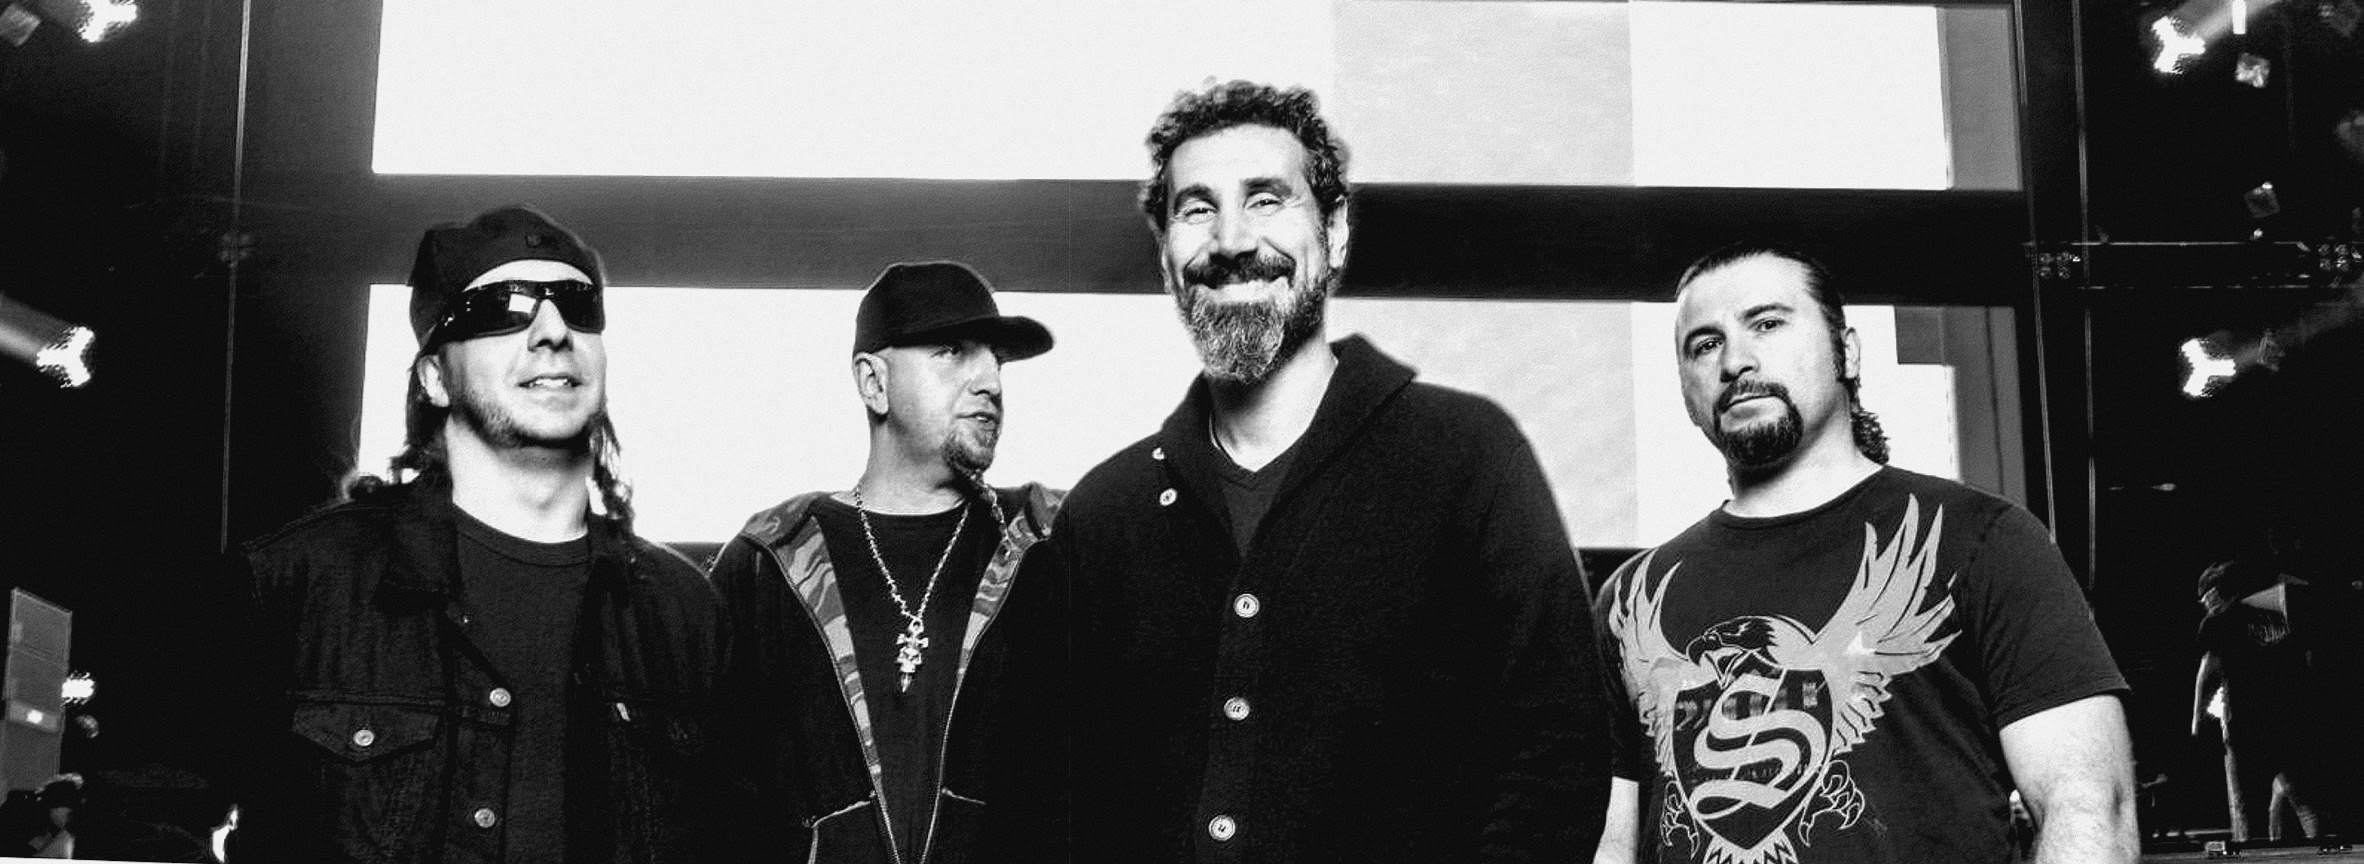 System of a Down já possui novas músicas escritas